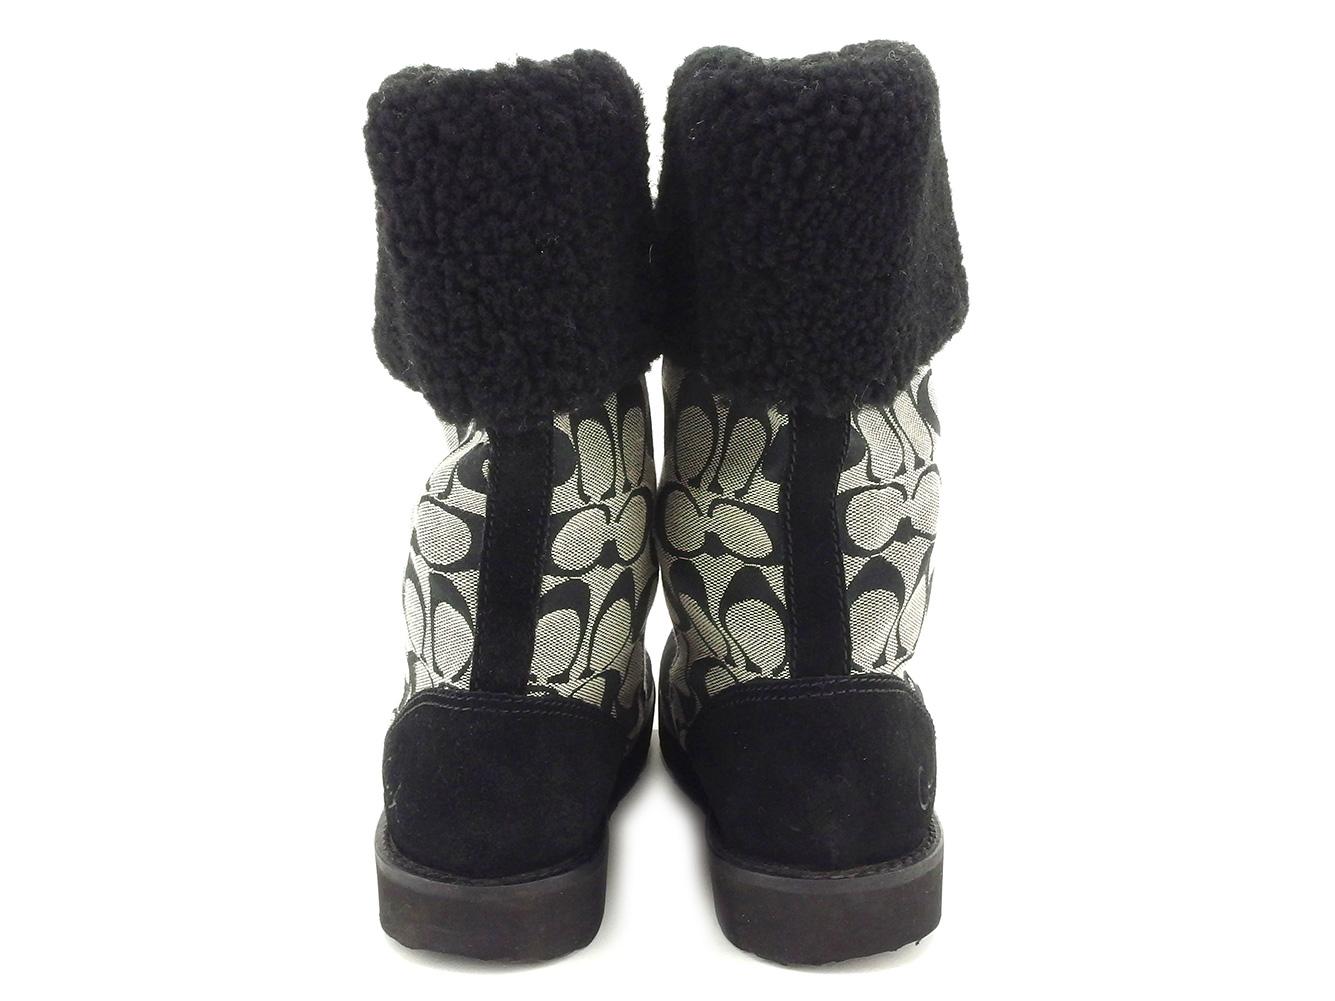 コーチ ブーツ シューズ 靴 ♯6ハーフB ミドル シグネチャー ブラック グレー 灰色 キャンバス×スエードF2060 J09PnO80wk